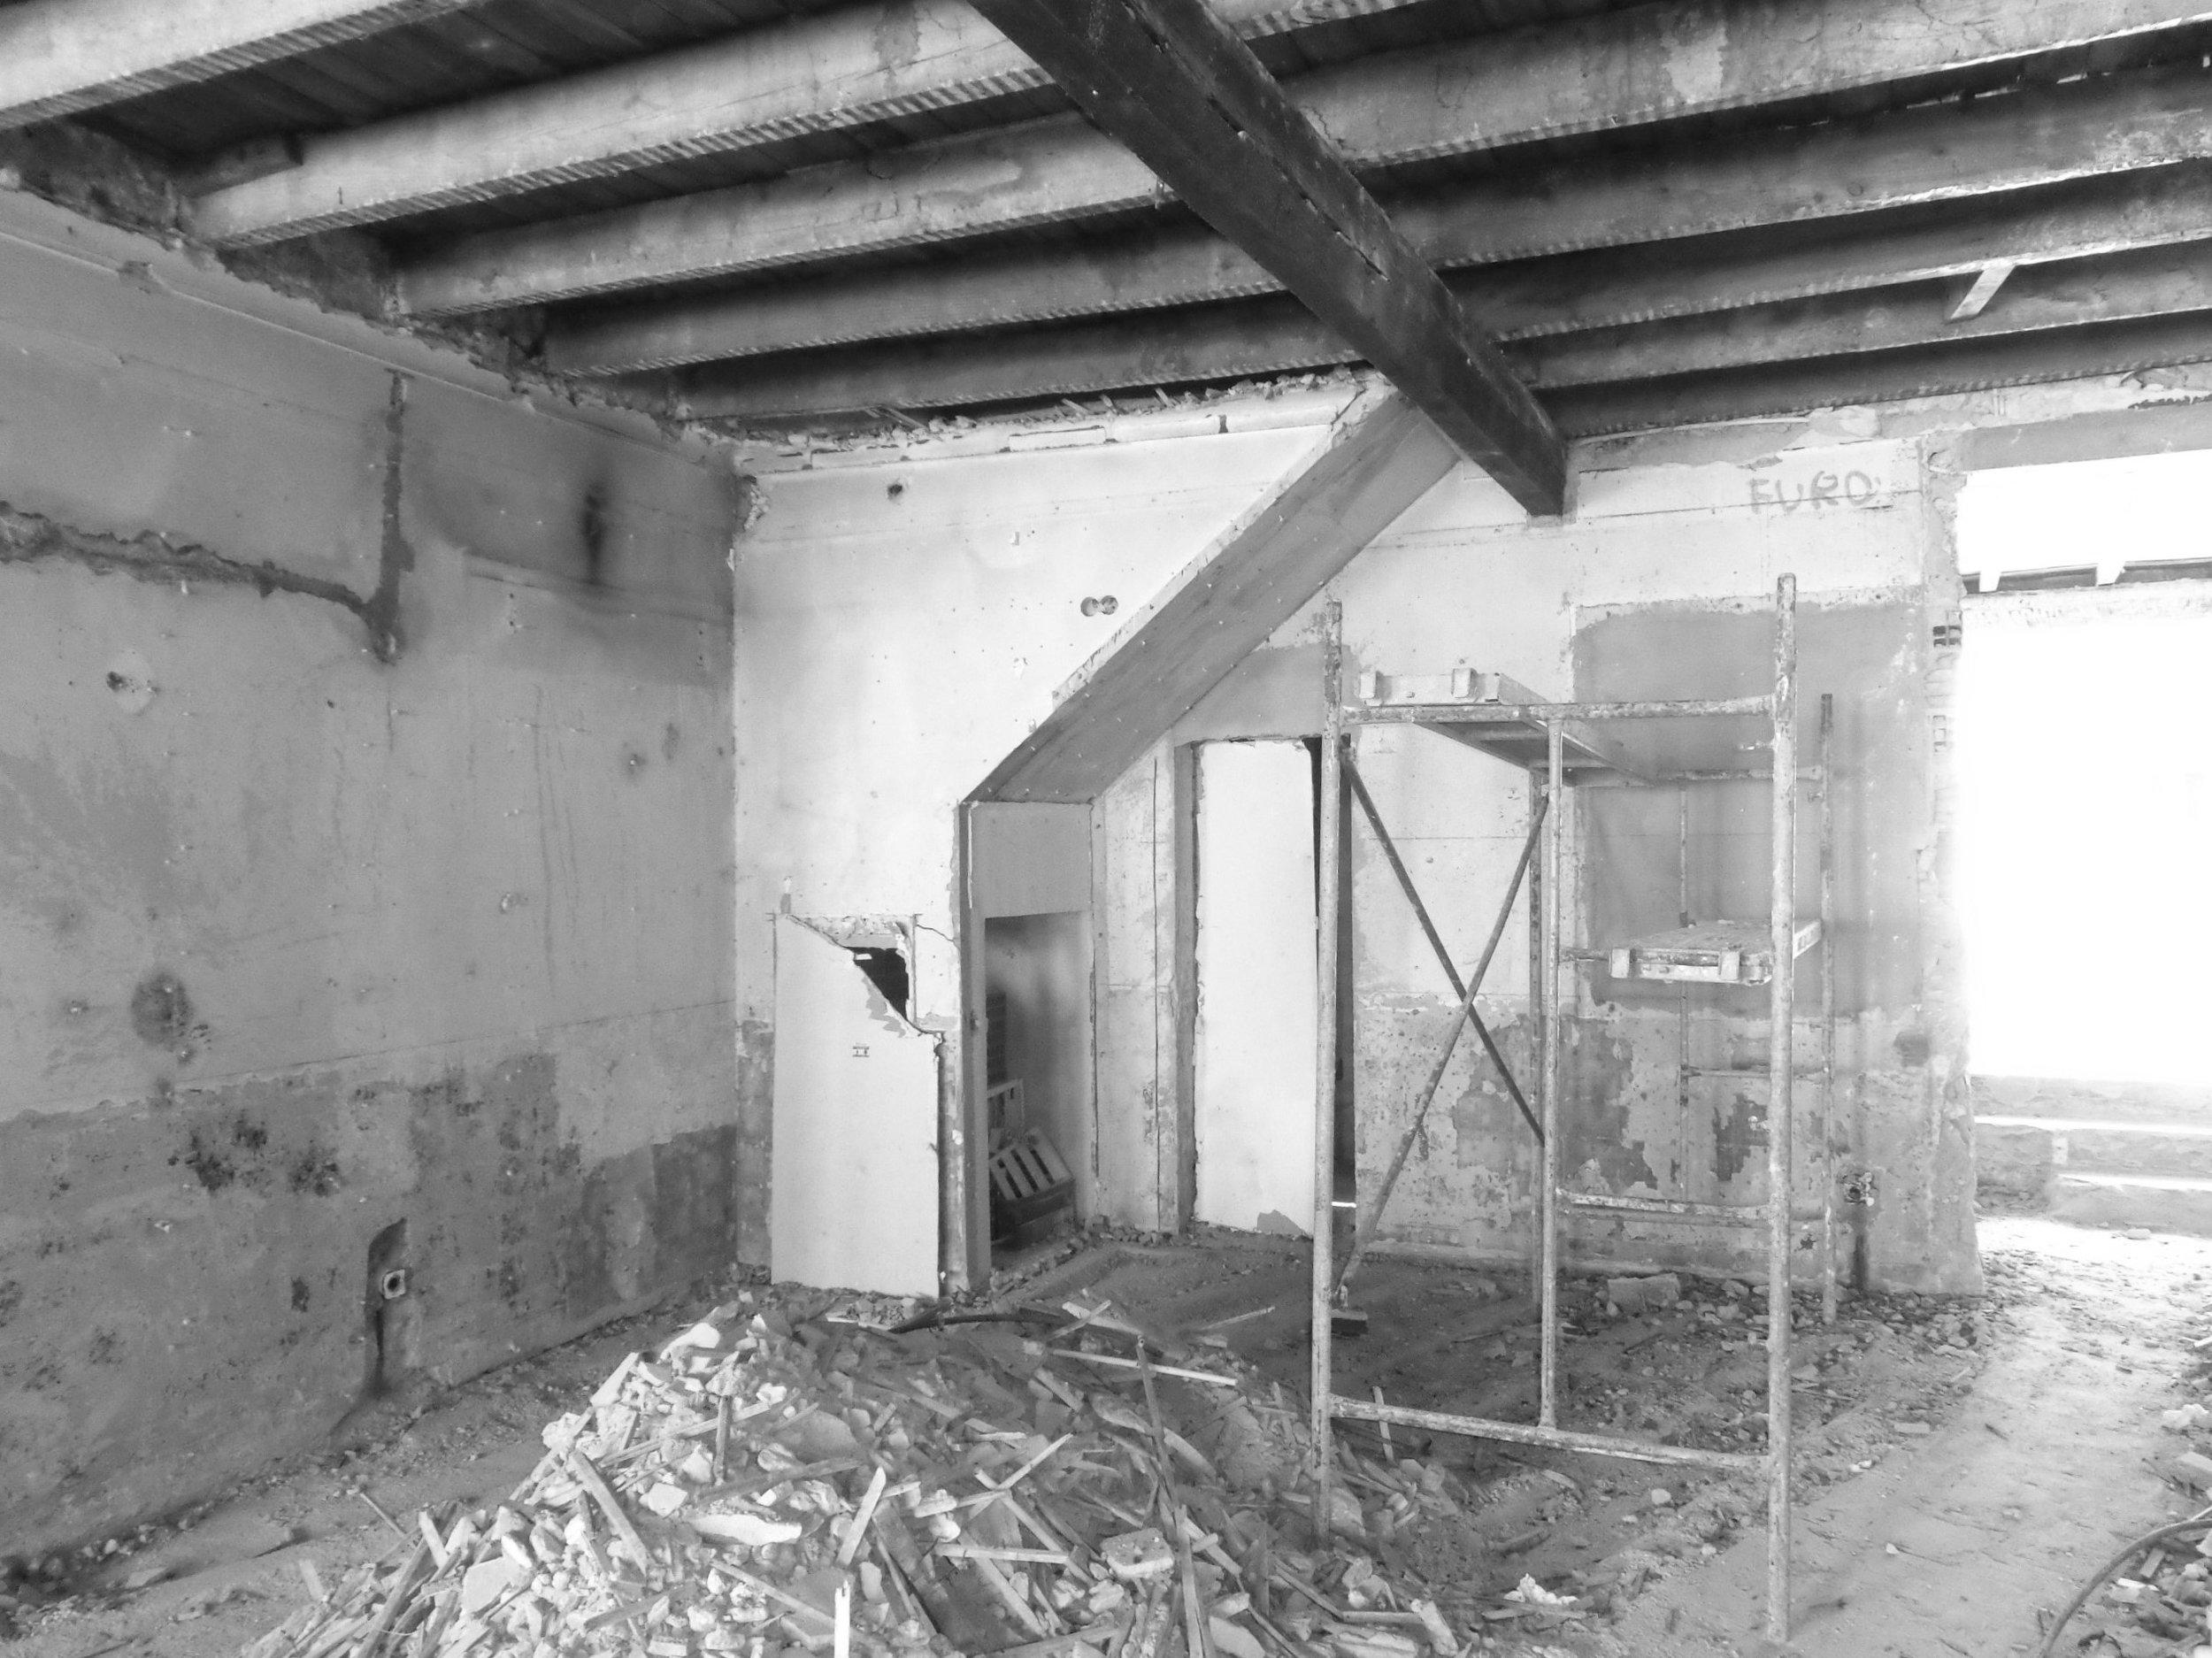 Restaurante Sabor - EVA evolutionary architecture - são joão da madeira - remodelação - arquitectos porto (20).jpg